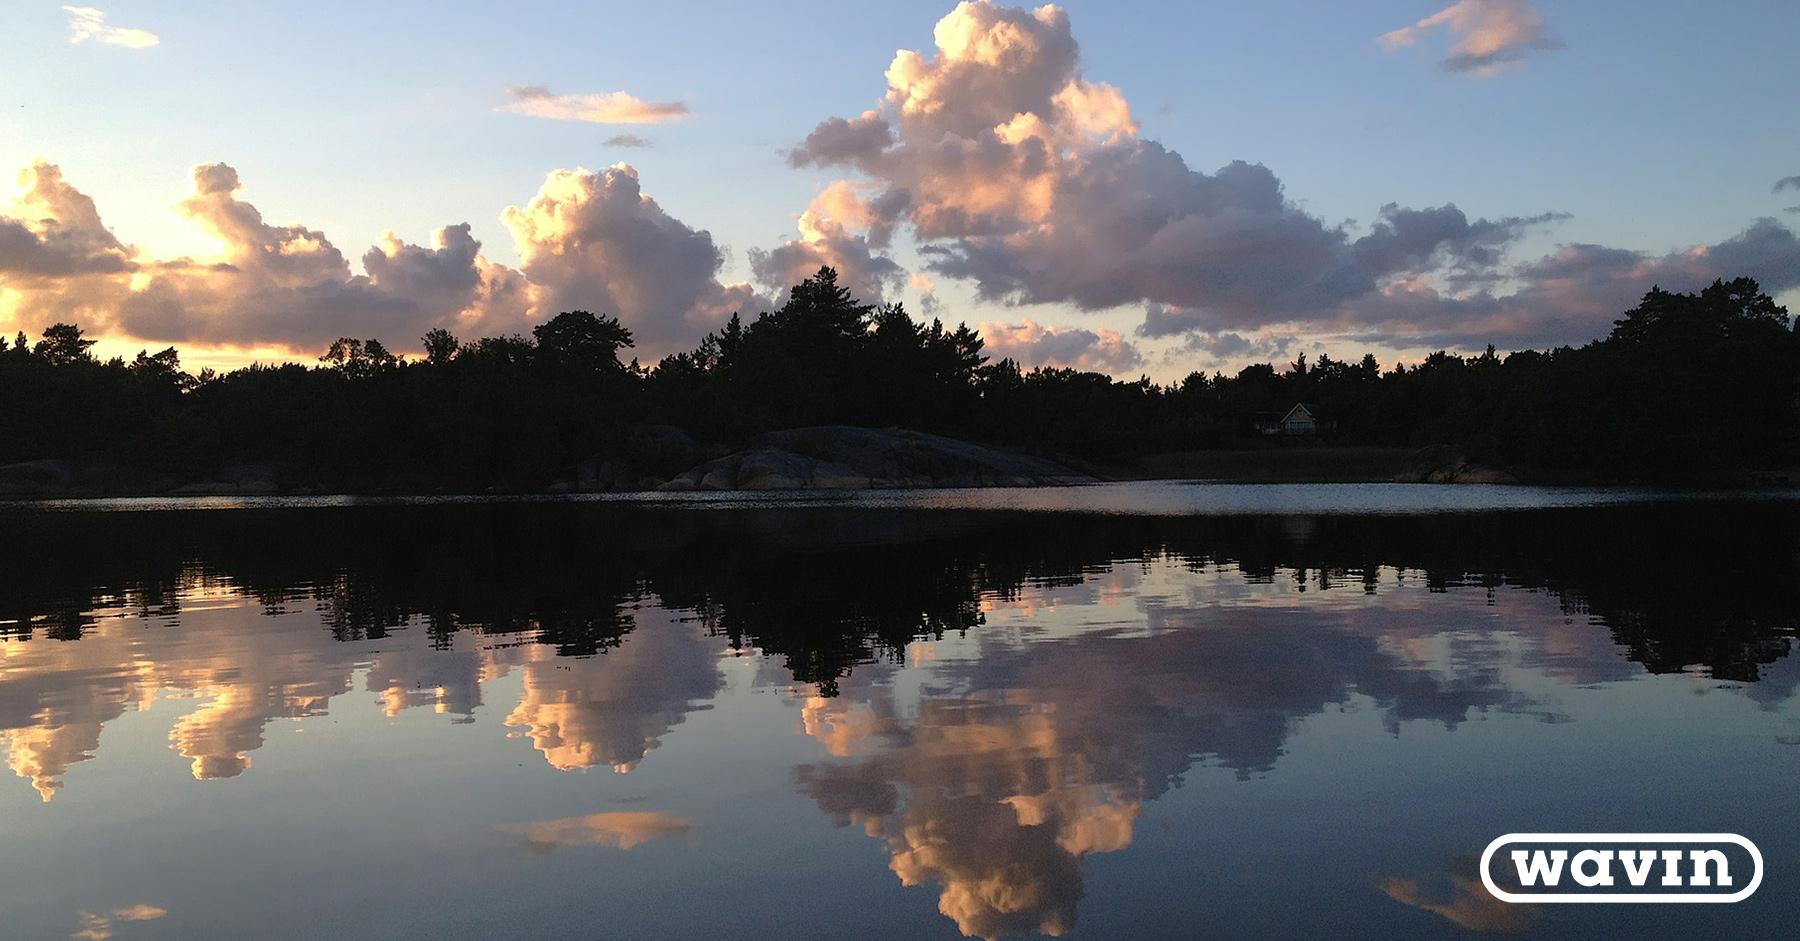 Suomen noin puolesta miljoonasta kesämökistä yli puolet sijaitsee pohjavesialueella tai sadan metrin säteellä vesistöstä.